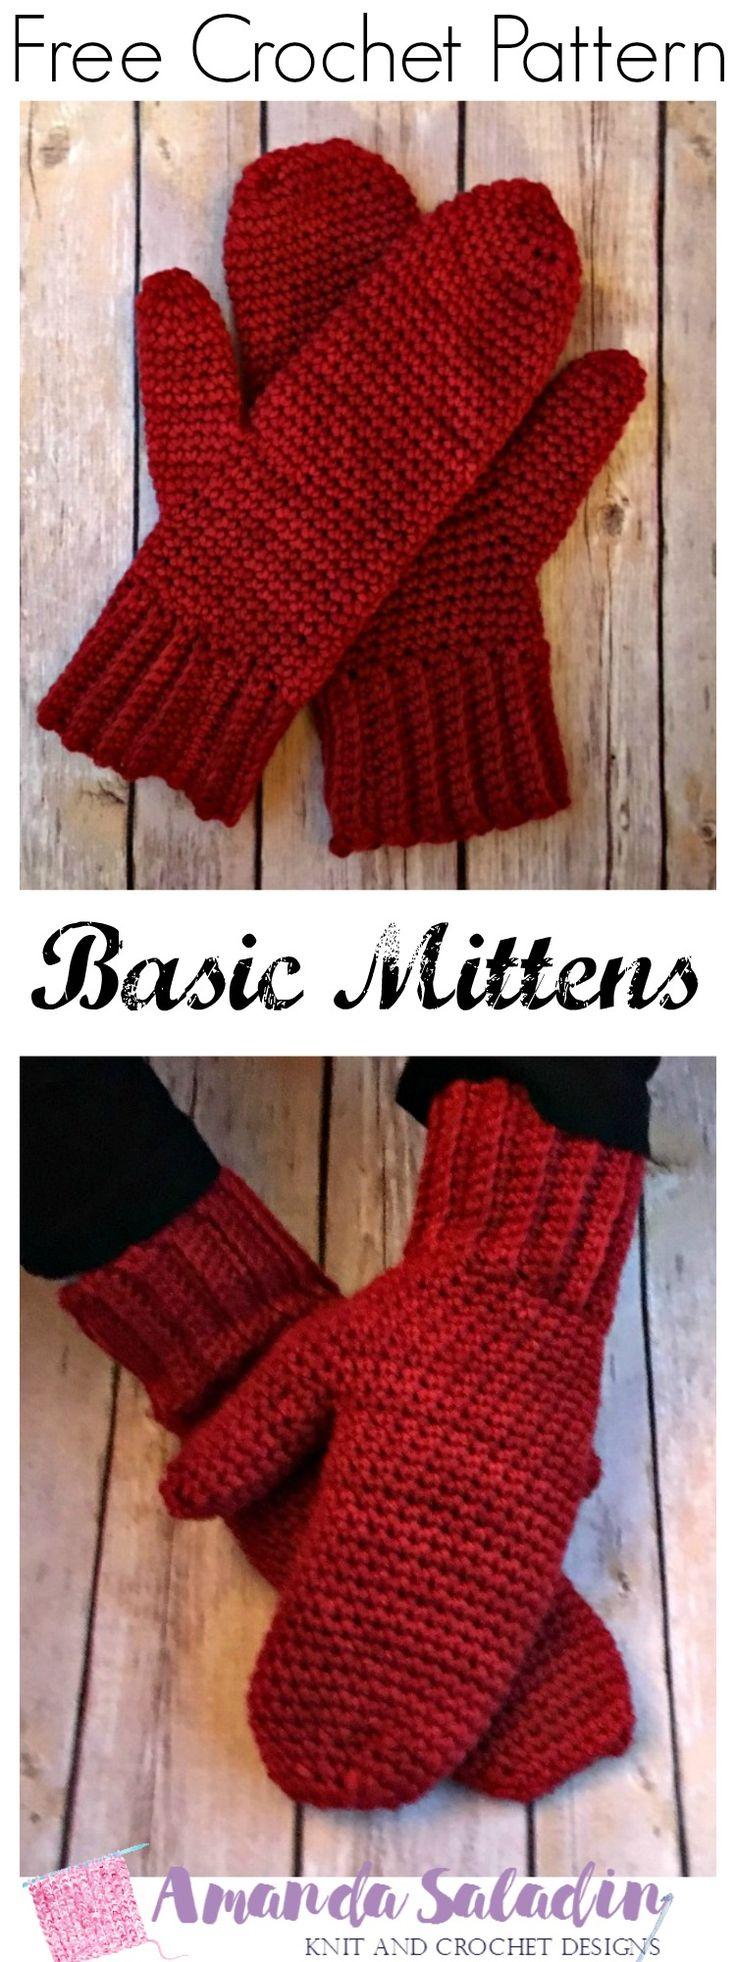 Best 25 simple crochet blanket ideas on pinterest easy crochet basic mittens free crochet pattern bankloansurffo Choice Image